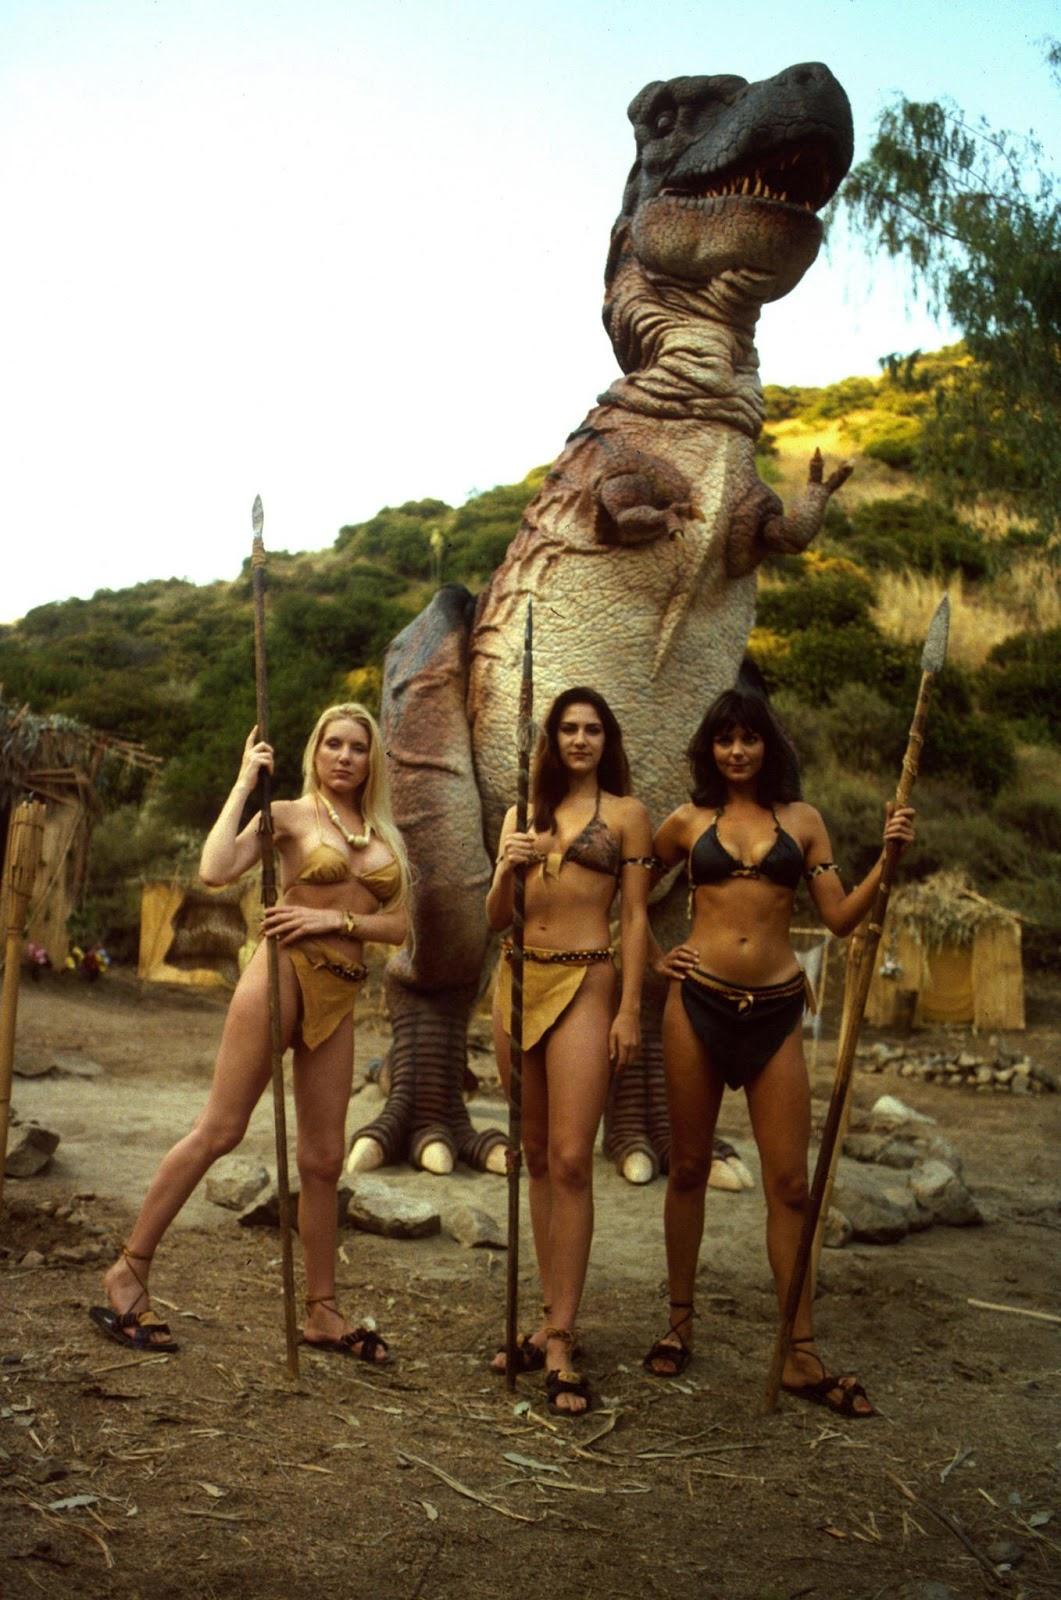 блондинка амазонки полная версия эрот фильм участвовал действиях